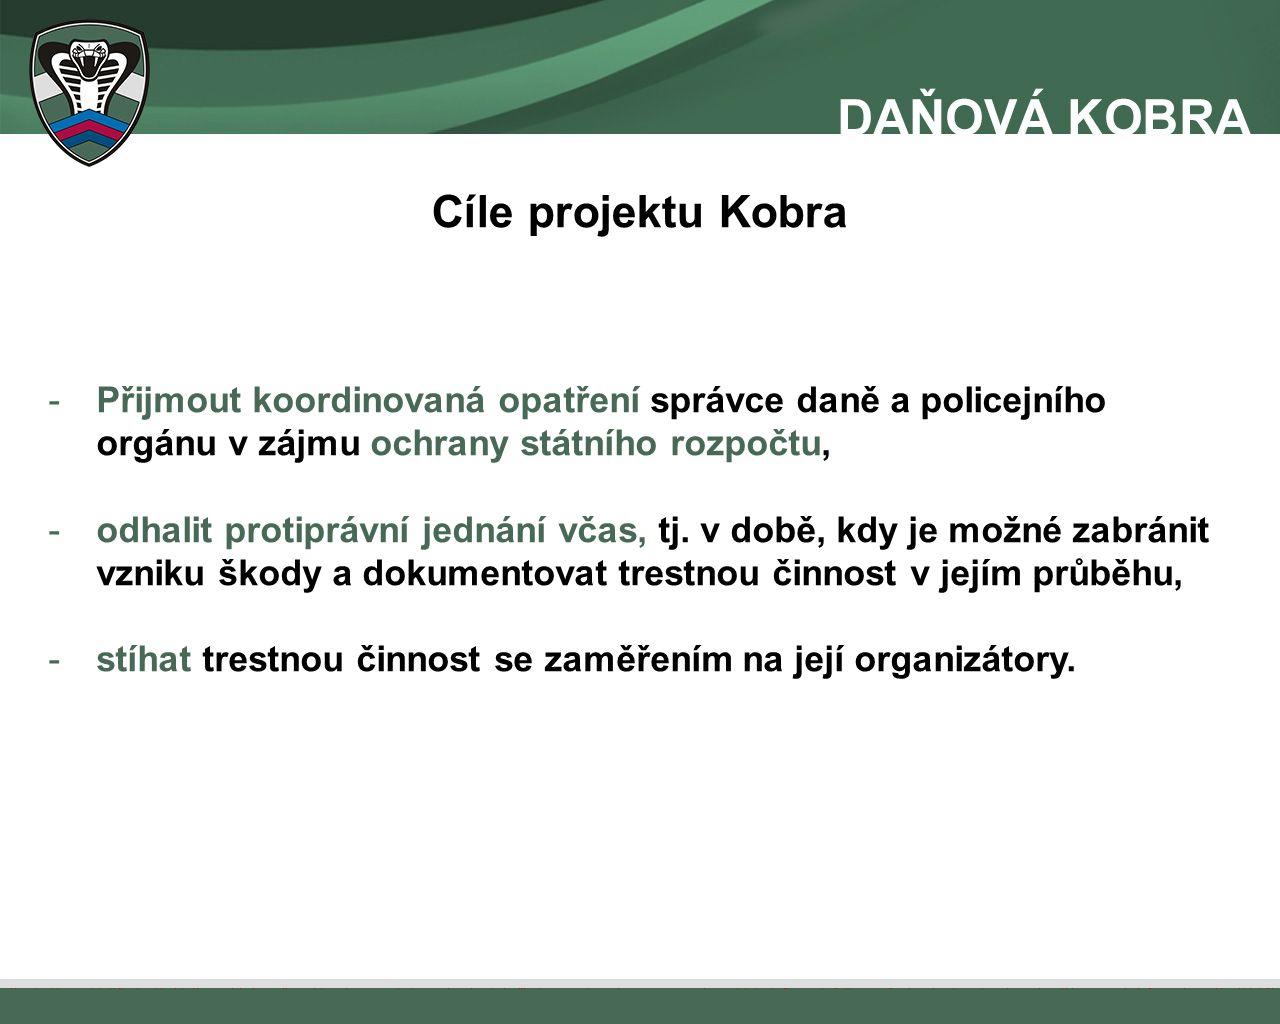 Cíle projektu Kobra -Přijmout koordinovaná opatření správce daně a policejního orgánu v zájmu ochrany státního rozpočtu, -odhalit protiprávní jednání